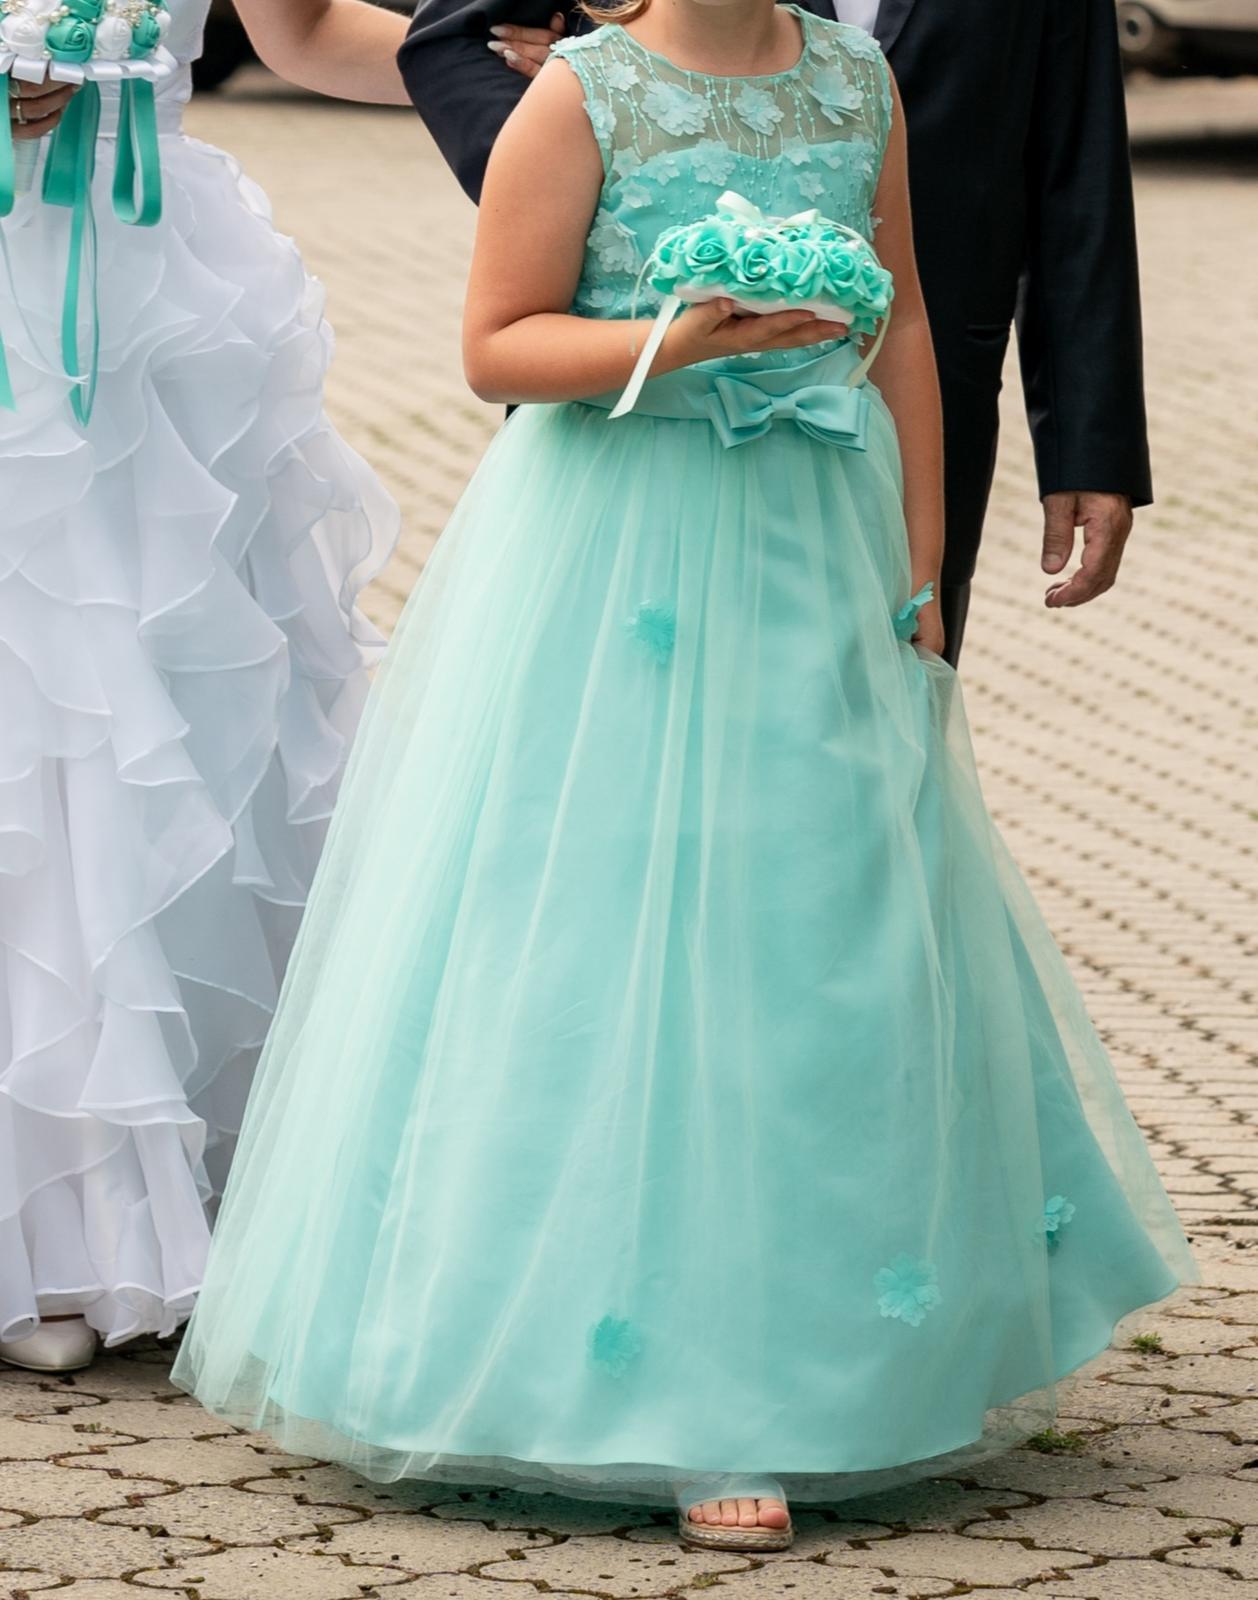 Spoločenské šaty pre dievčatko 8-10 rokov - Obrázok č. 1